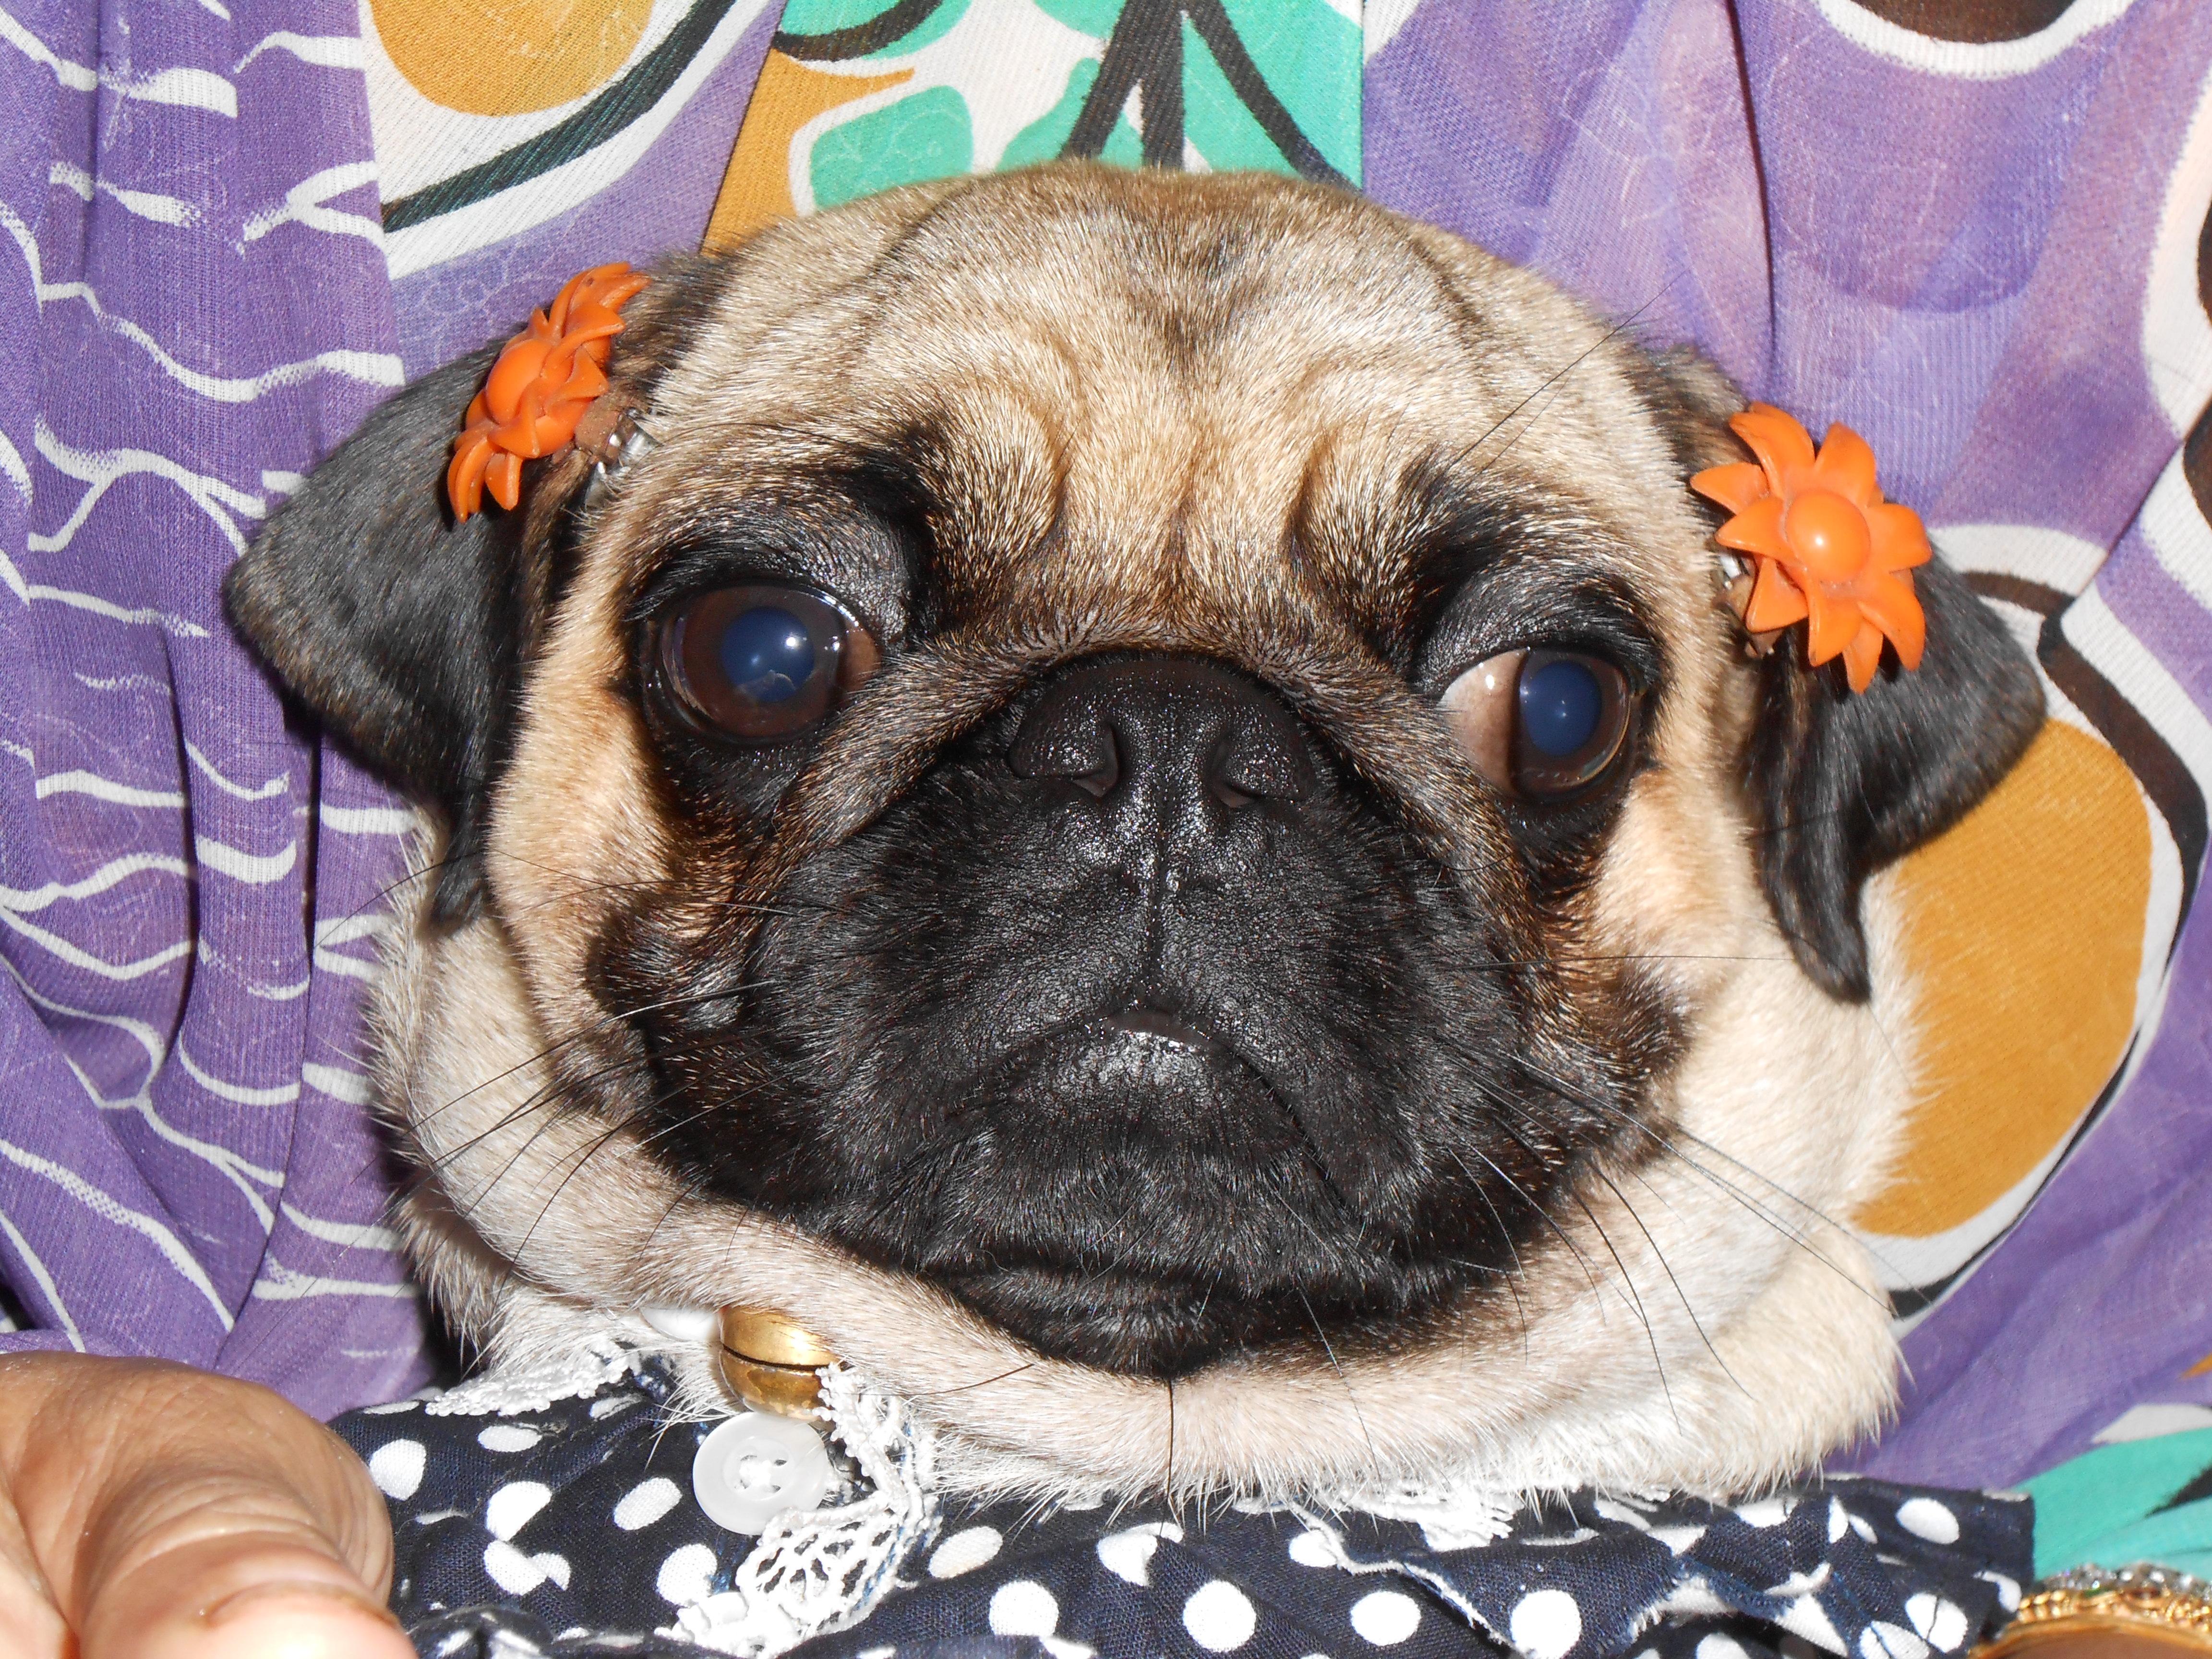 funny sad pug dog easter bunny pugs photo 4608x3456